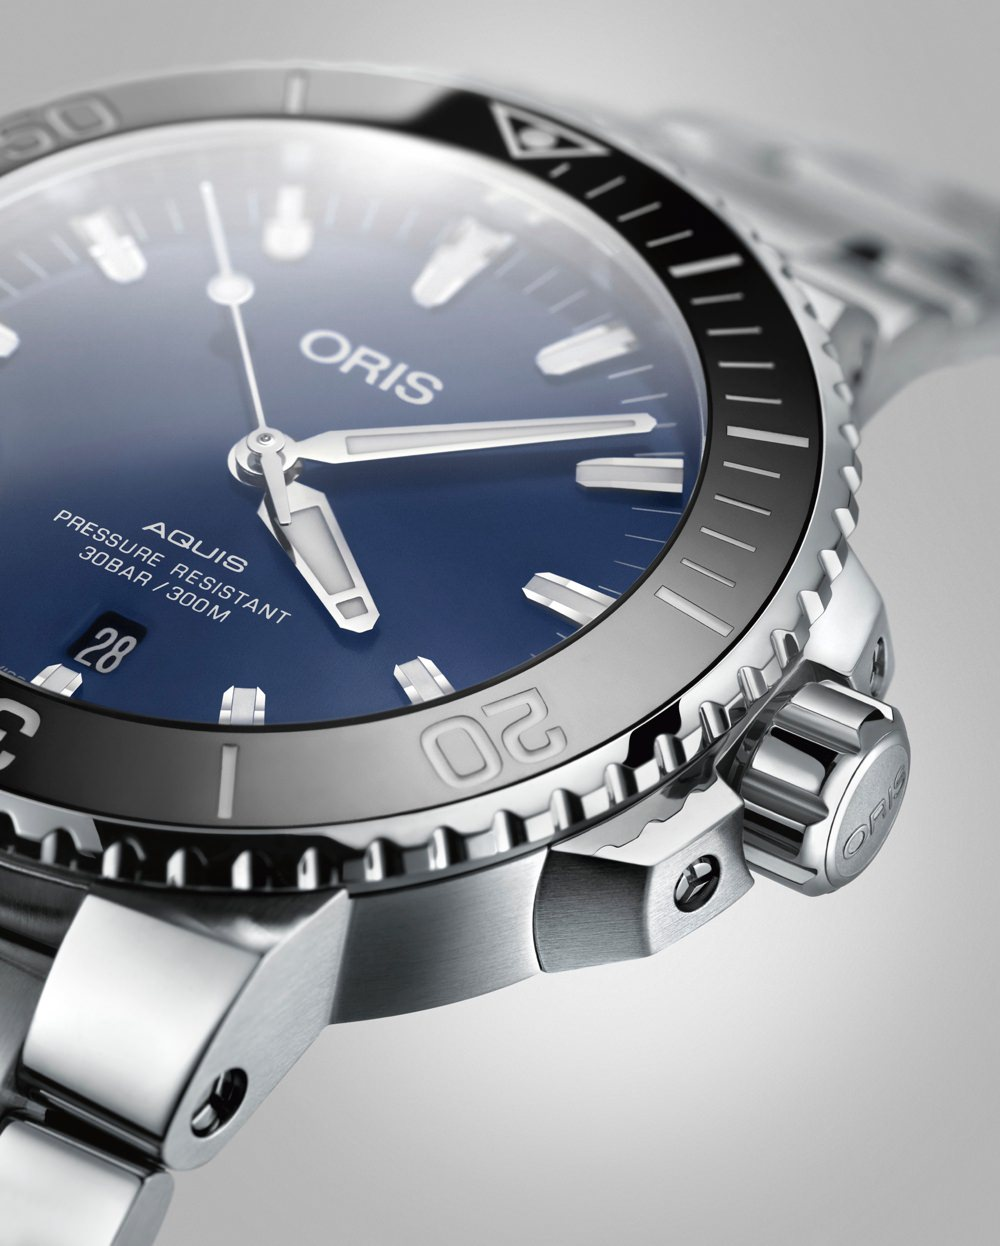 Versatile men's watches by Oris